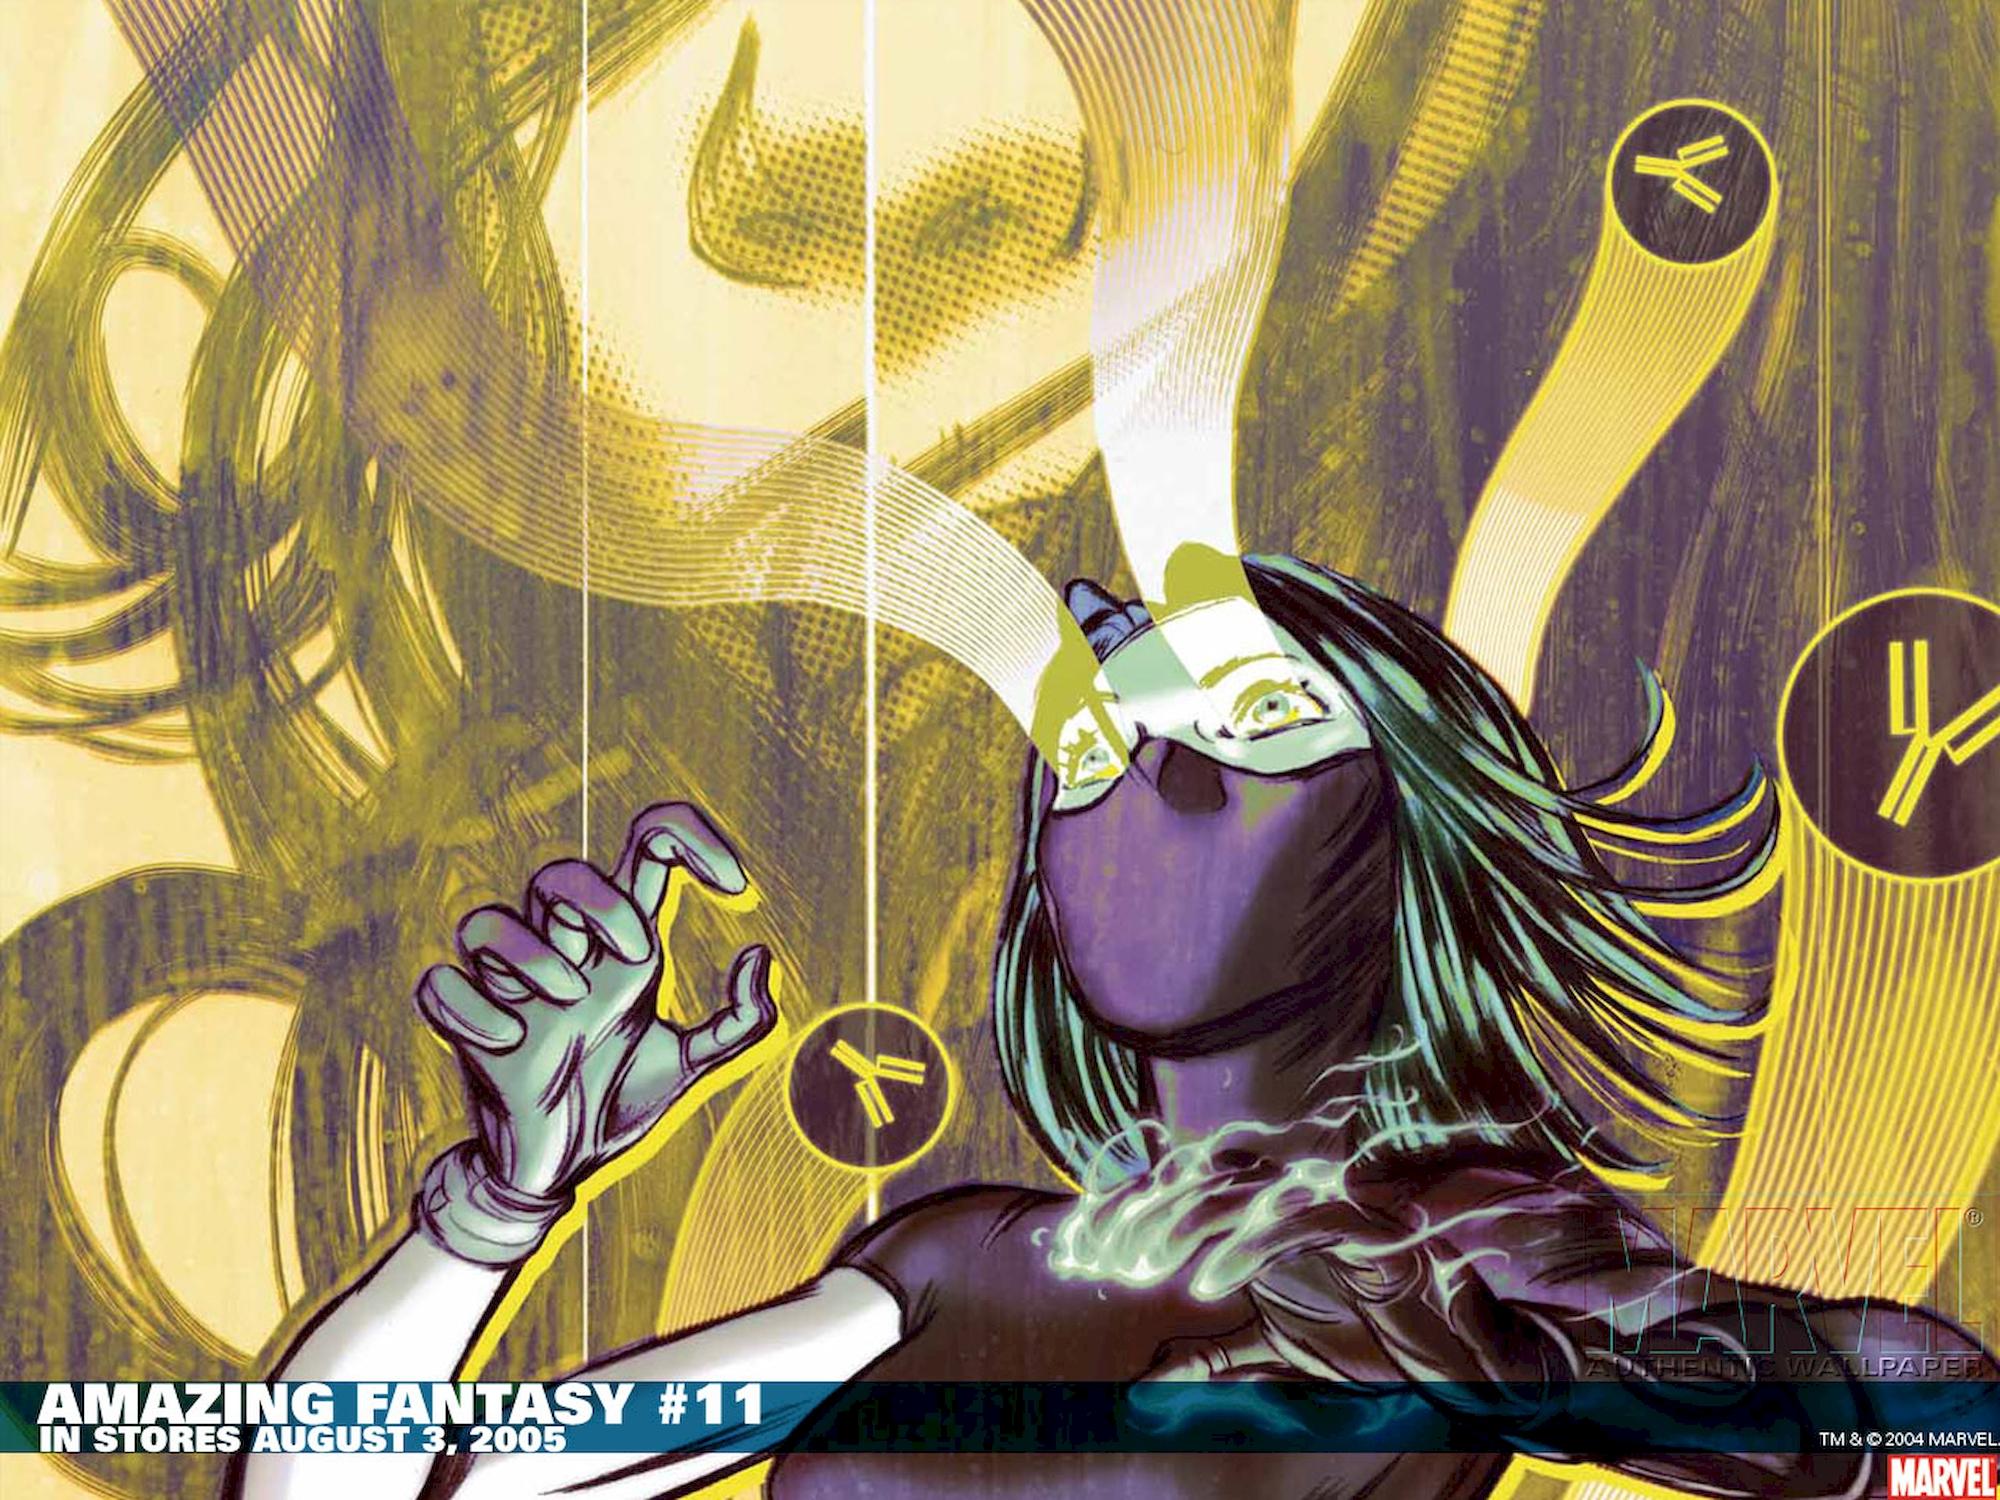 amazing-fantasy-11-heros-marvel